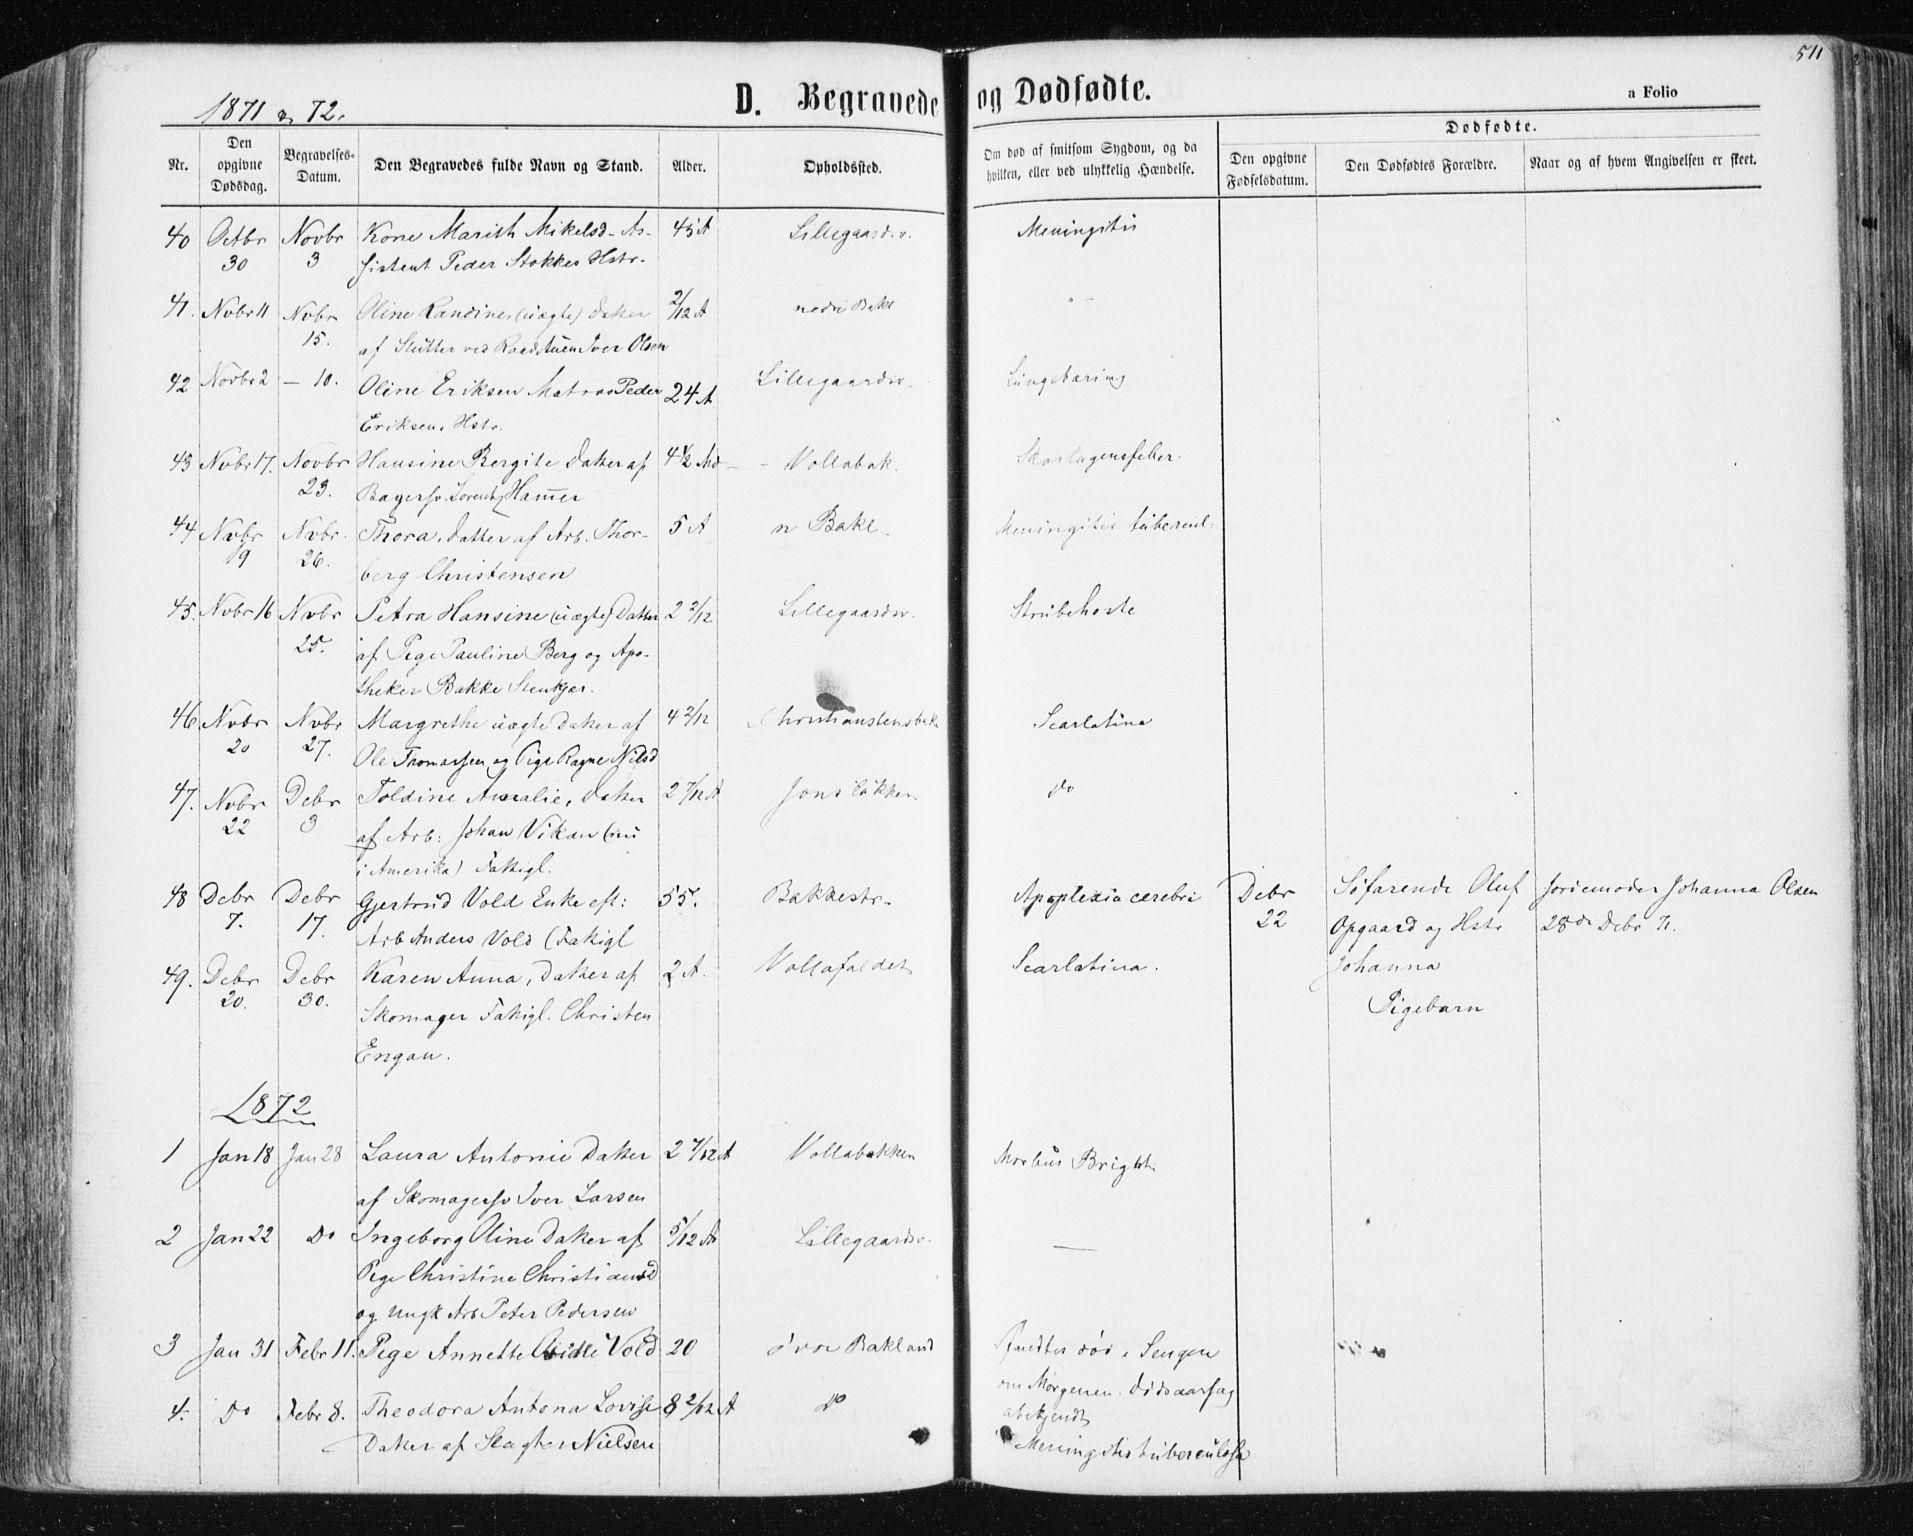 SAT, Ministerialprotokoller, klokkerbøker og fødselsregistre - Sør-Trøndelag, 604/L0186: Ministerialbok nr. 604A07, 1866-1877, s. 511